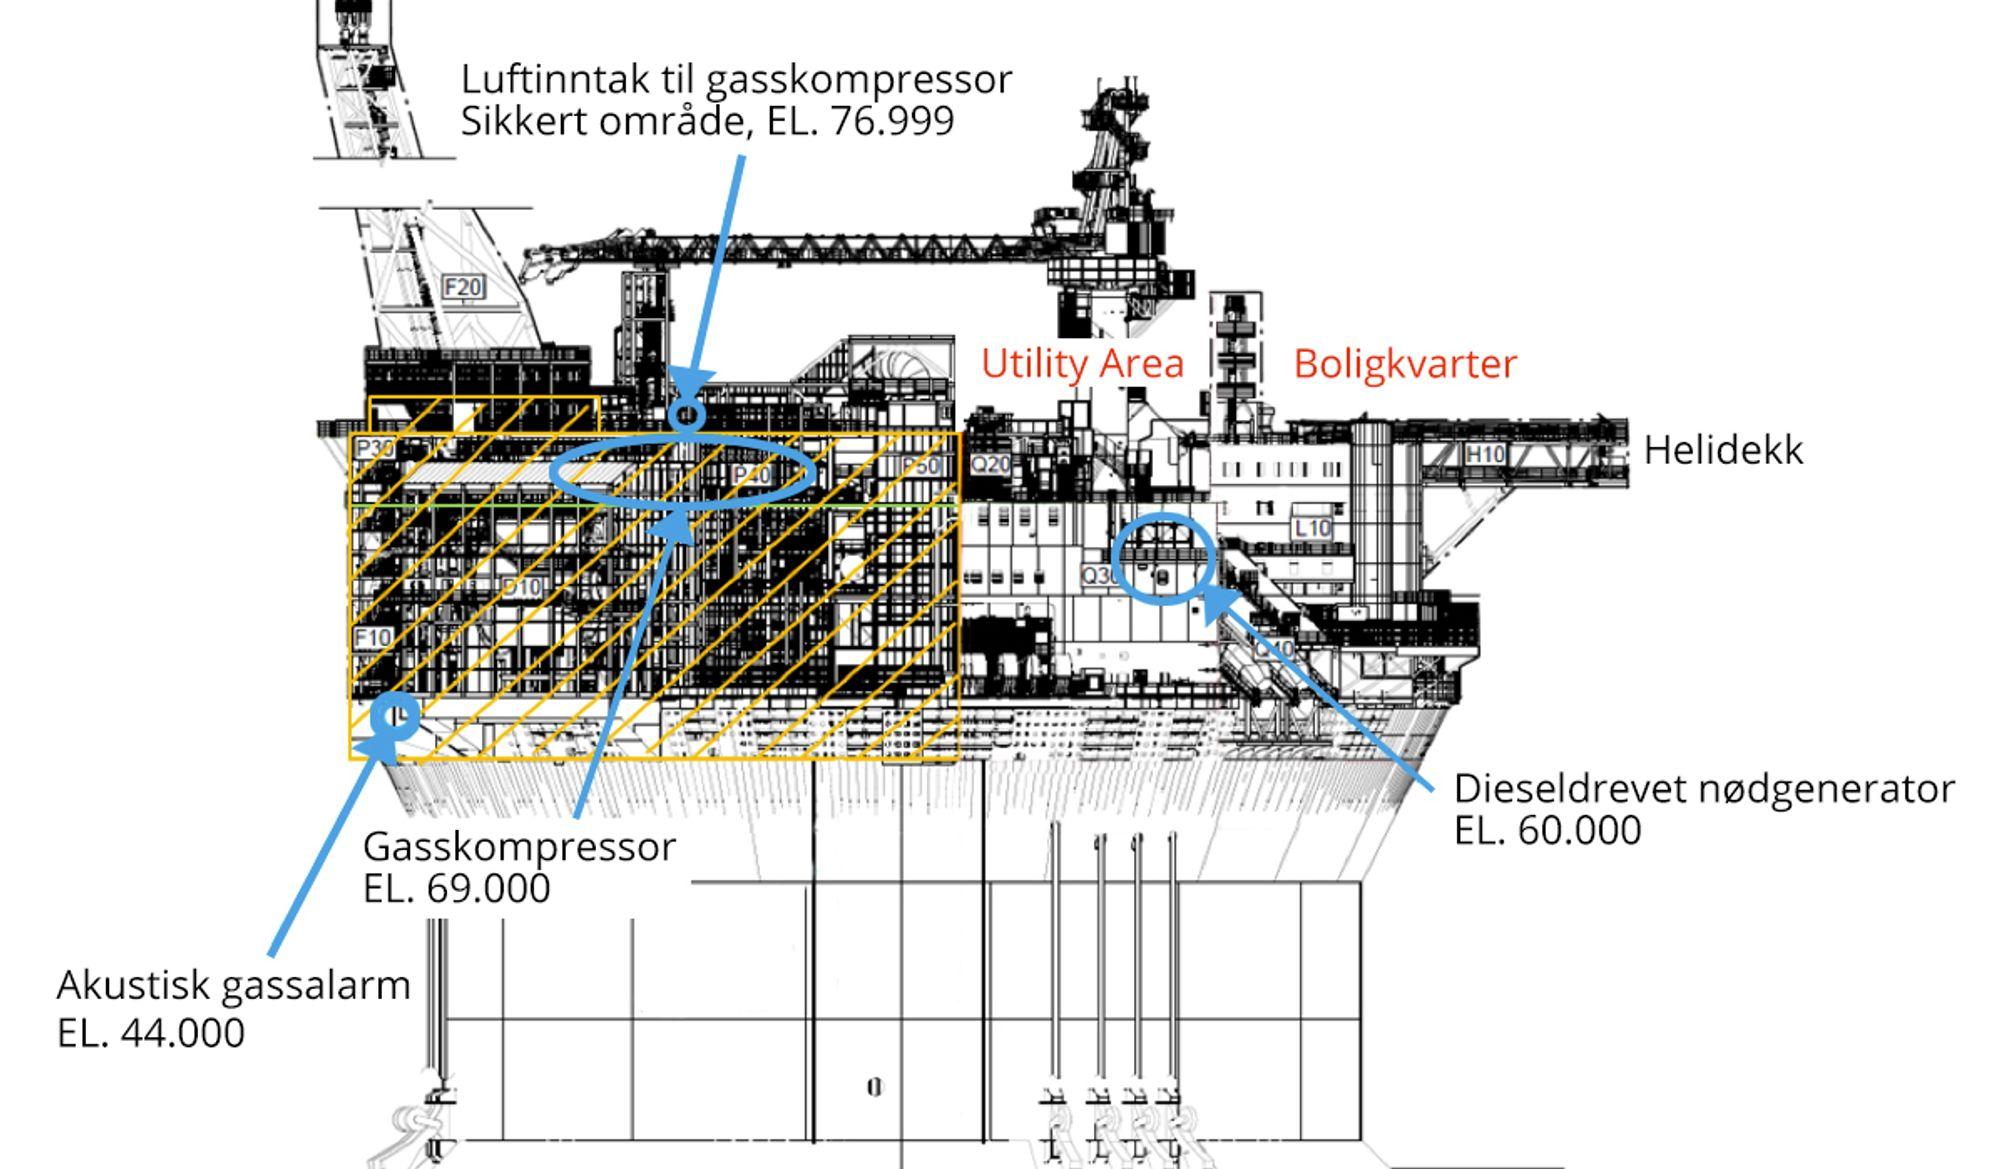 Goliat-plattformen måtte evakueres etter at gass havnet i luftinntaket på en gasskompressor. Produksjonen ble stengt i en måneds tid, noe som tilsvarer over en milliard kroner i tapt produksjon.